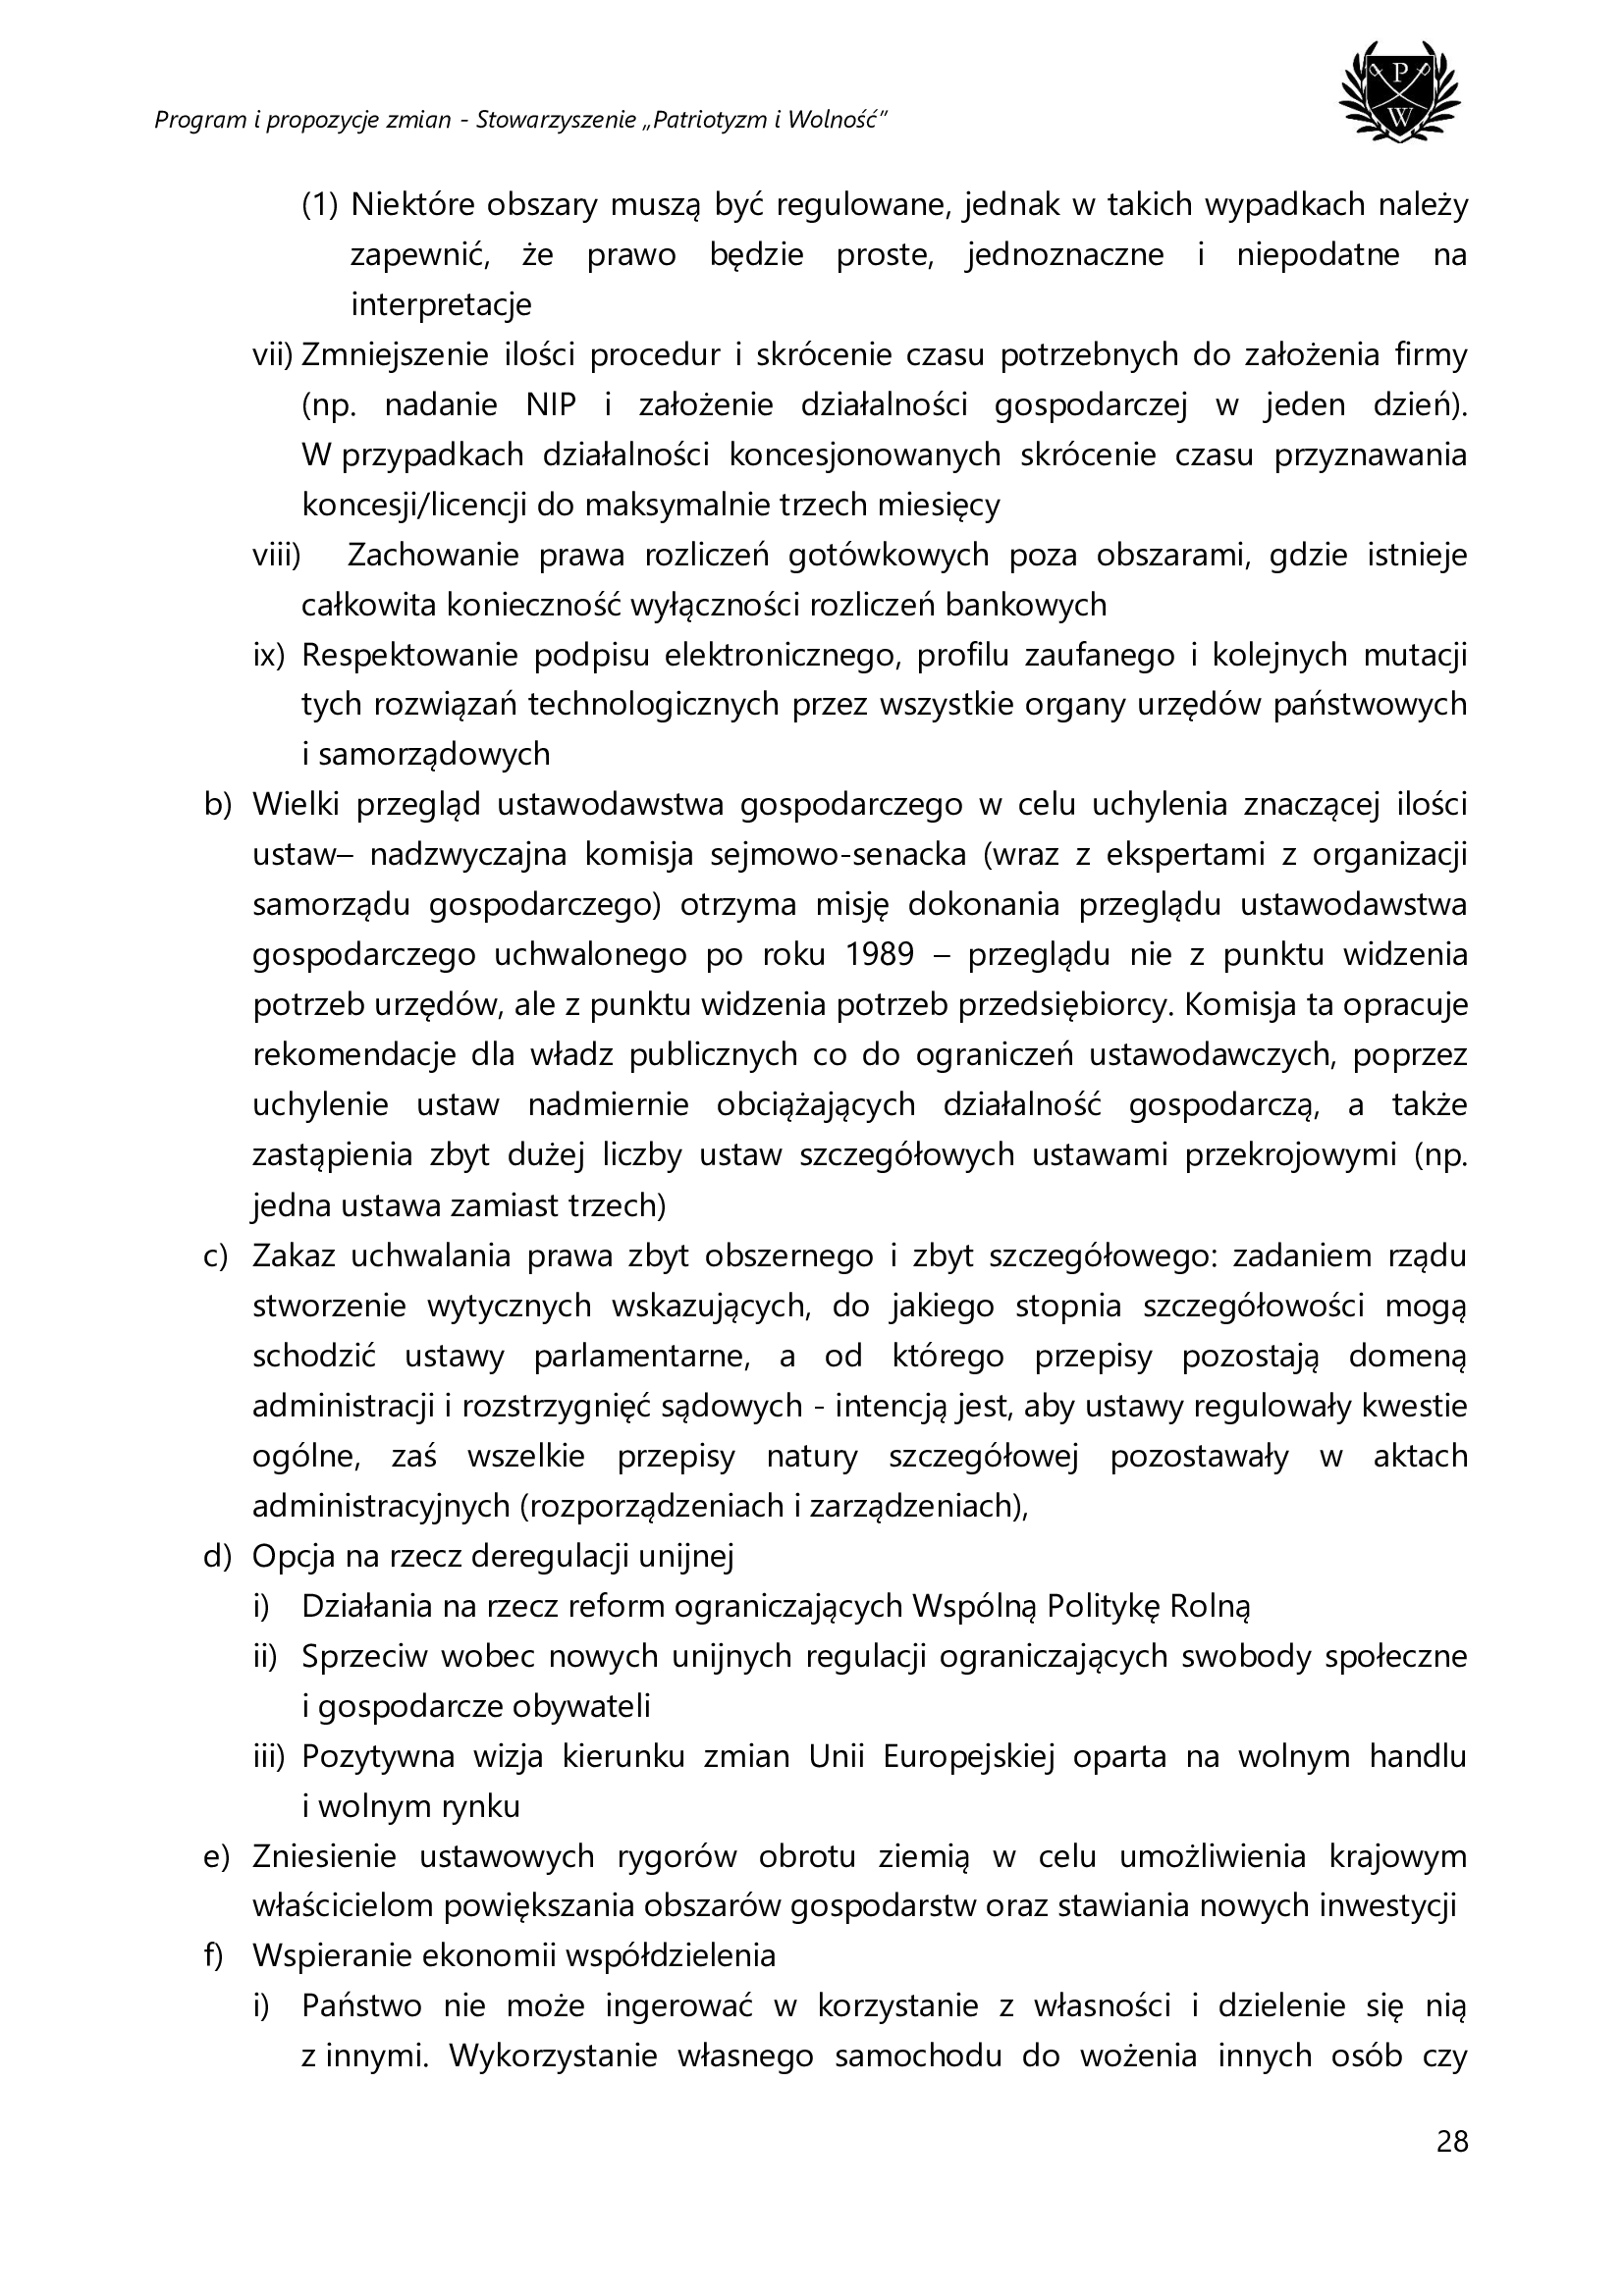 db9e272ef5a9a2e66d26f1905be6c507-28